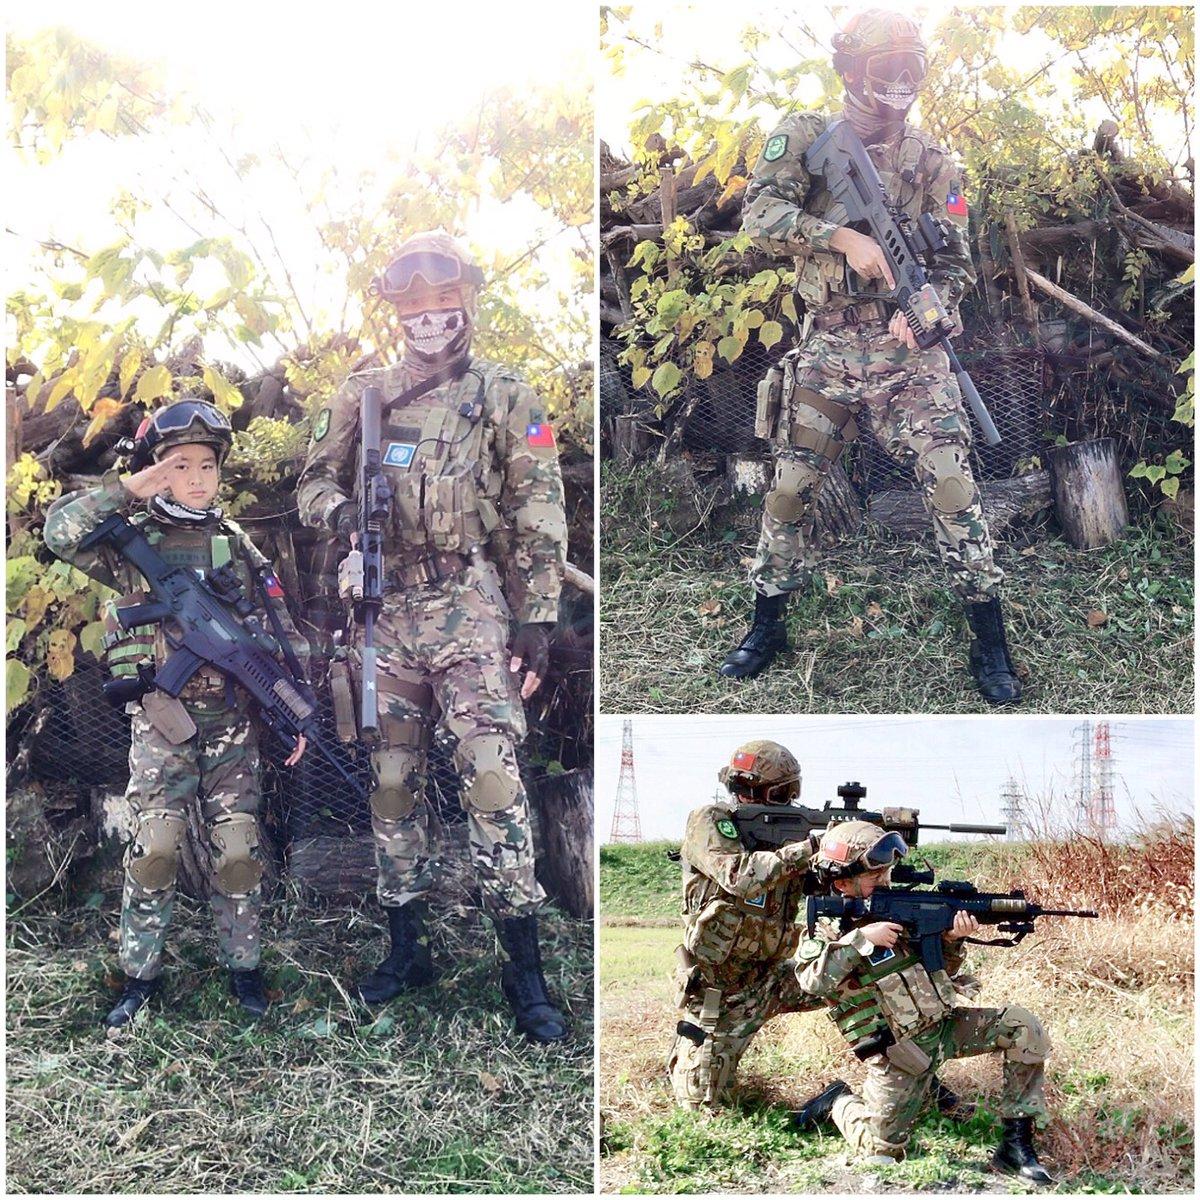 CRAの軍装祭10を予約しました。これでようやく息子と訓練以外の超〜久々のサバゲーを再スタートした上、初の軍装祭体験となります。中華民国陸軍のMC迷彩かドイツ迷彩で参戦予定。 #CRA #サバゲー #サバイバルゲーム #中華民國國軍 #中華民國陸軍 #軍装 #軍装祭 #サバゲーマー